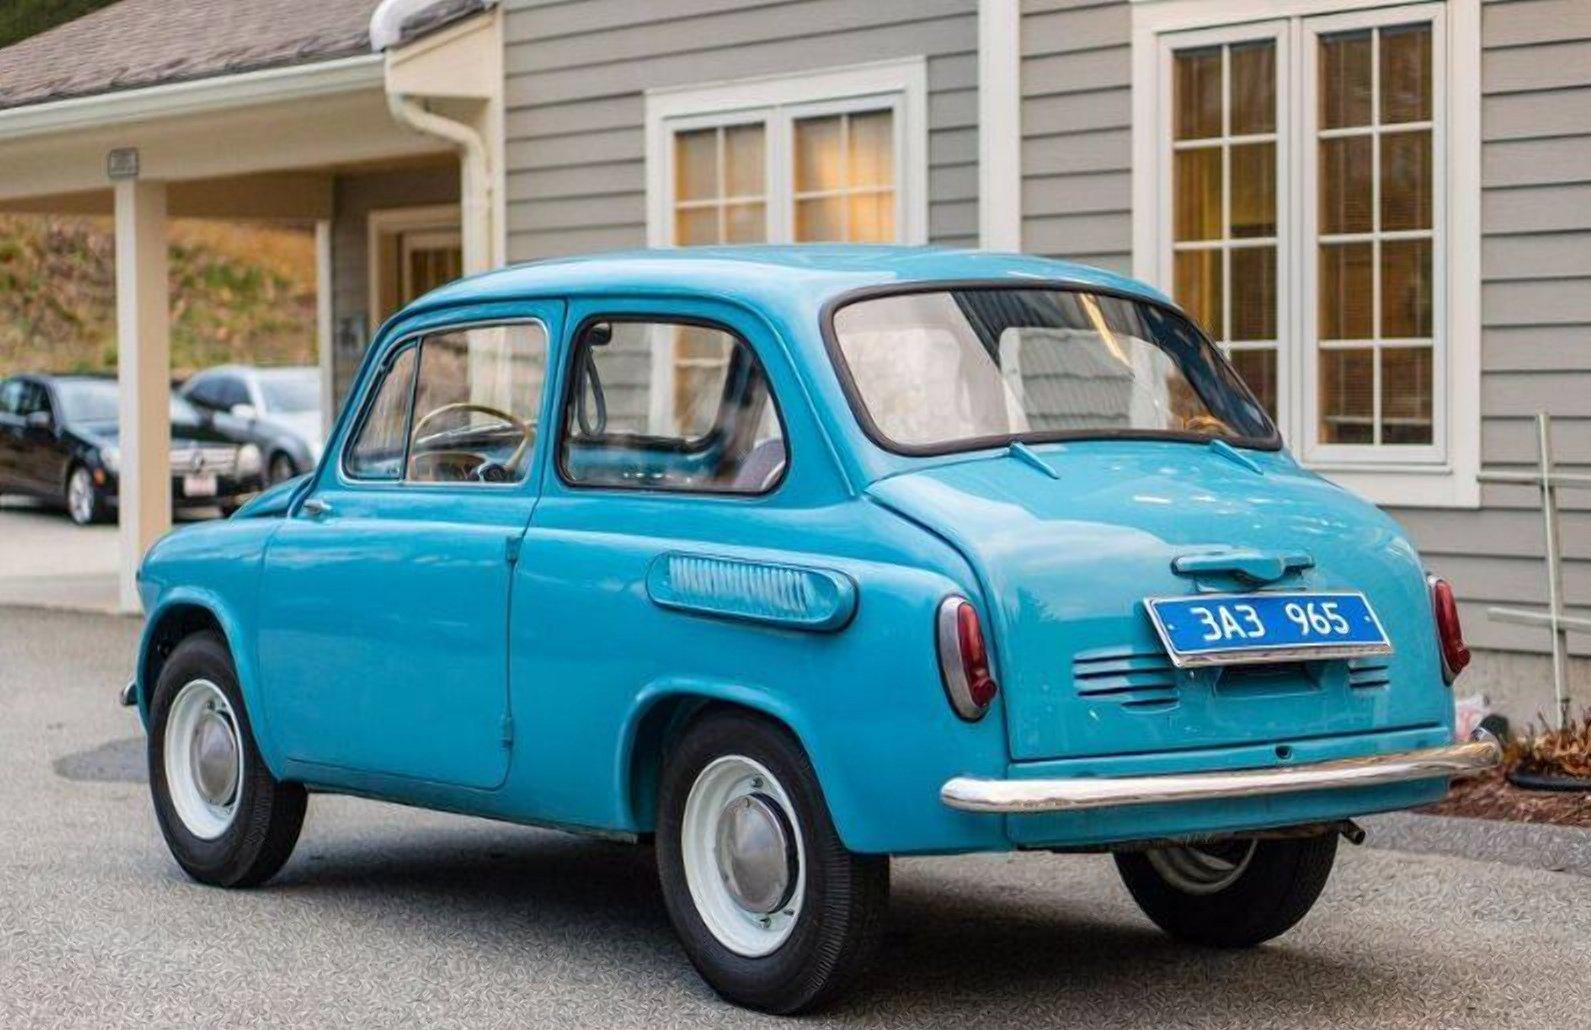 В США за 18 тысяч долларов продают ЗАЗ-965